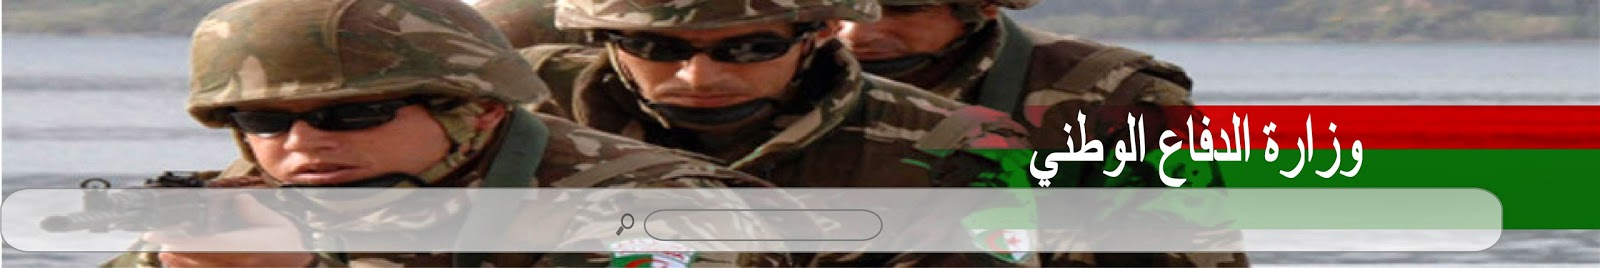 اعلان توظيف مستخدمين شبيهين بالناحية العسكرية الرابعة